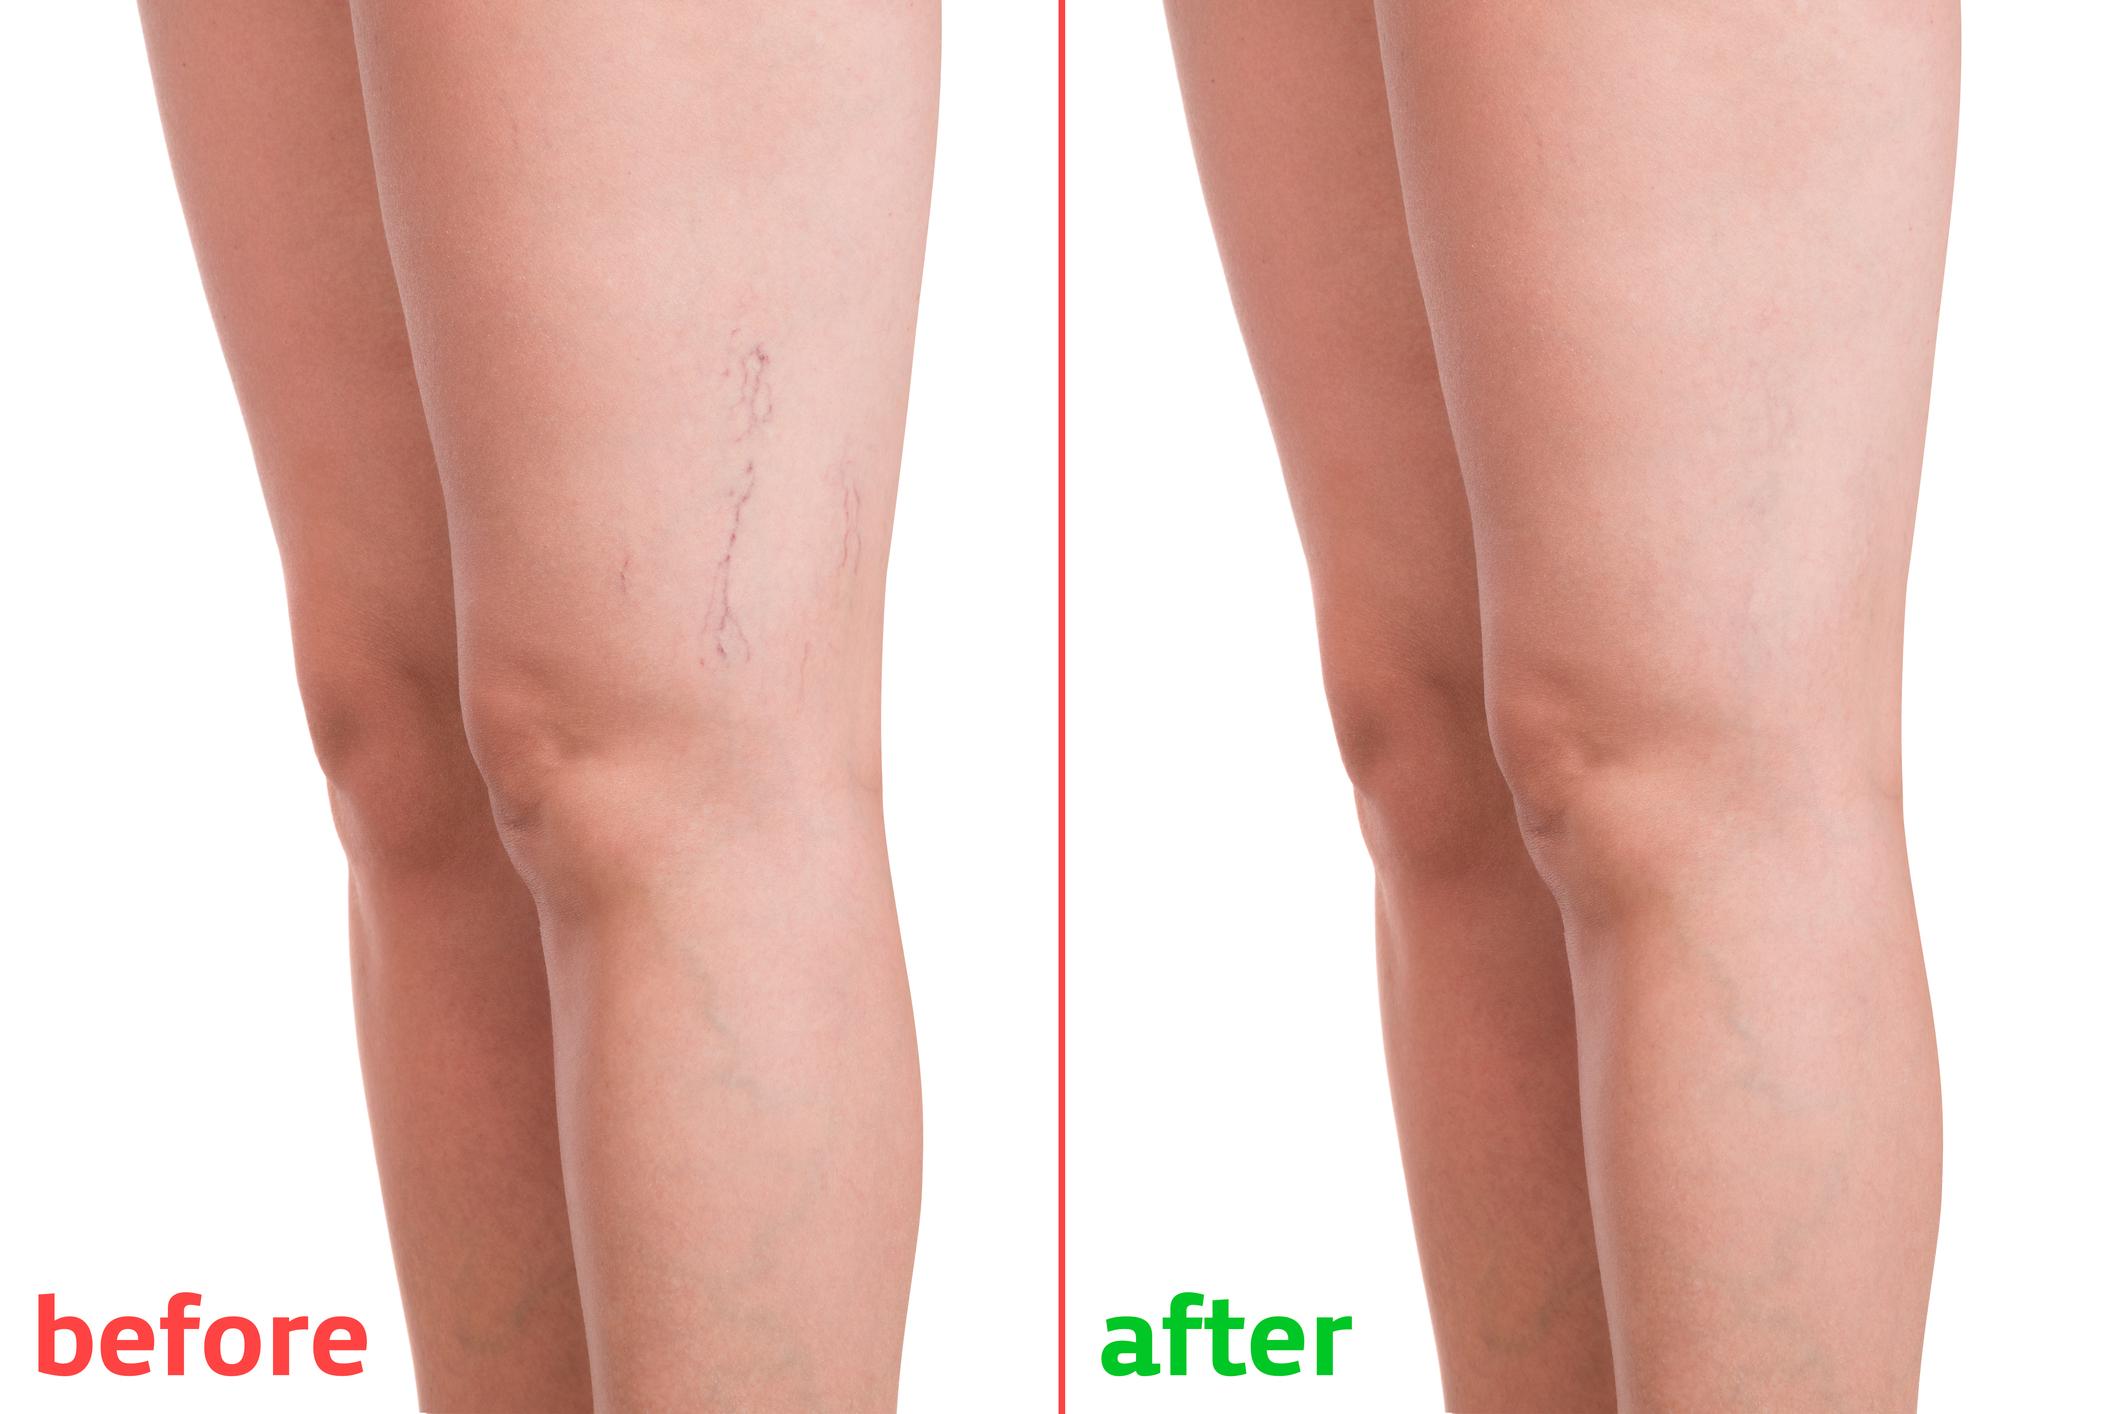 Visszér a lábakban férfiaknál: okok, tünetek, kezelés - Megelőzés